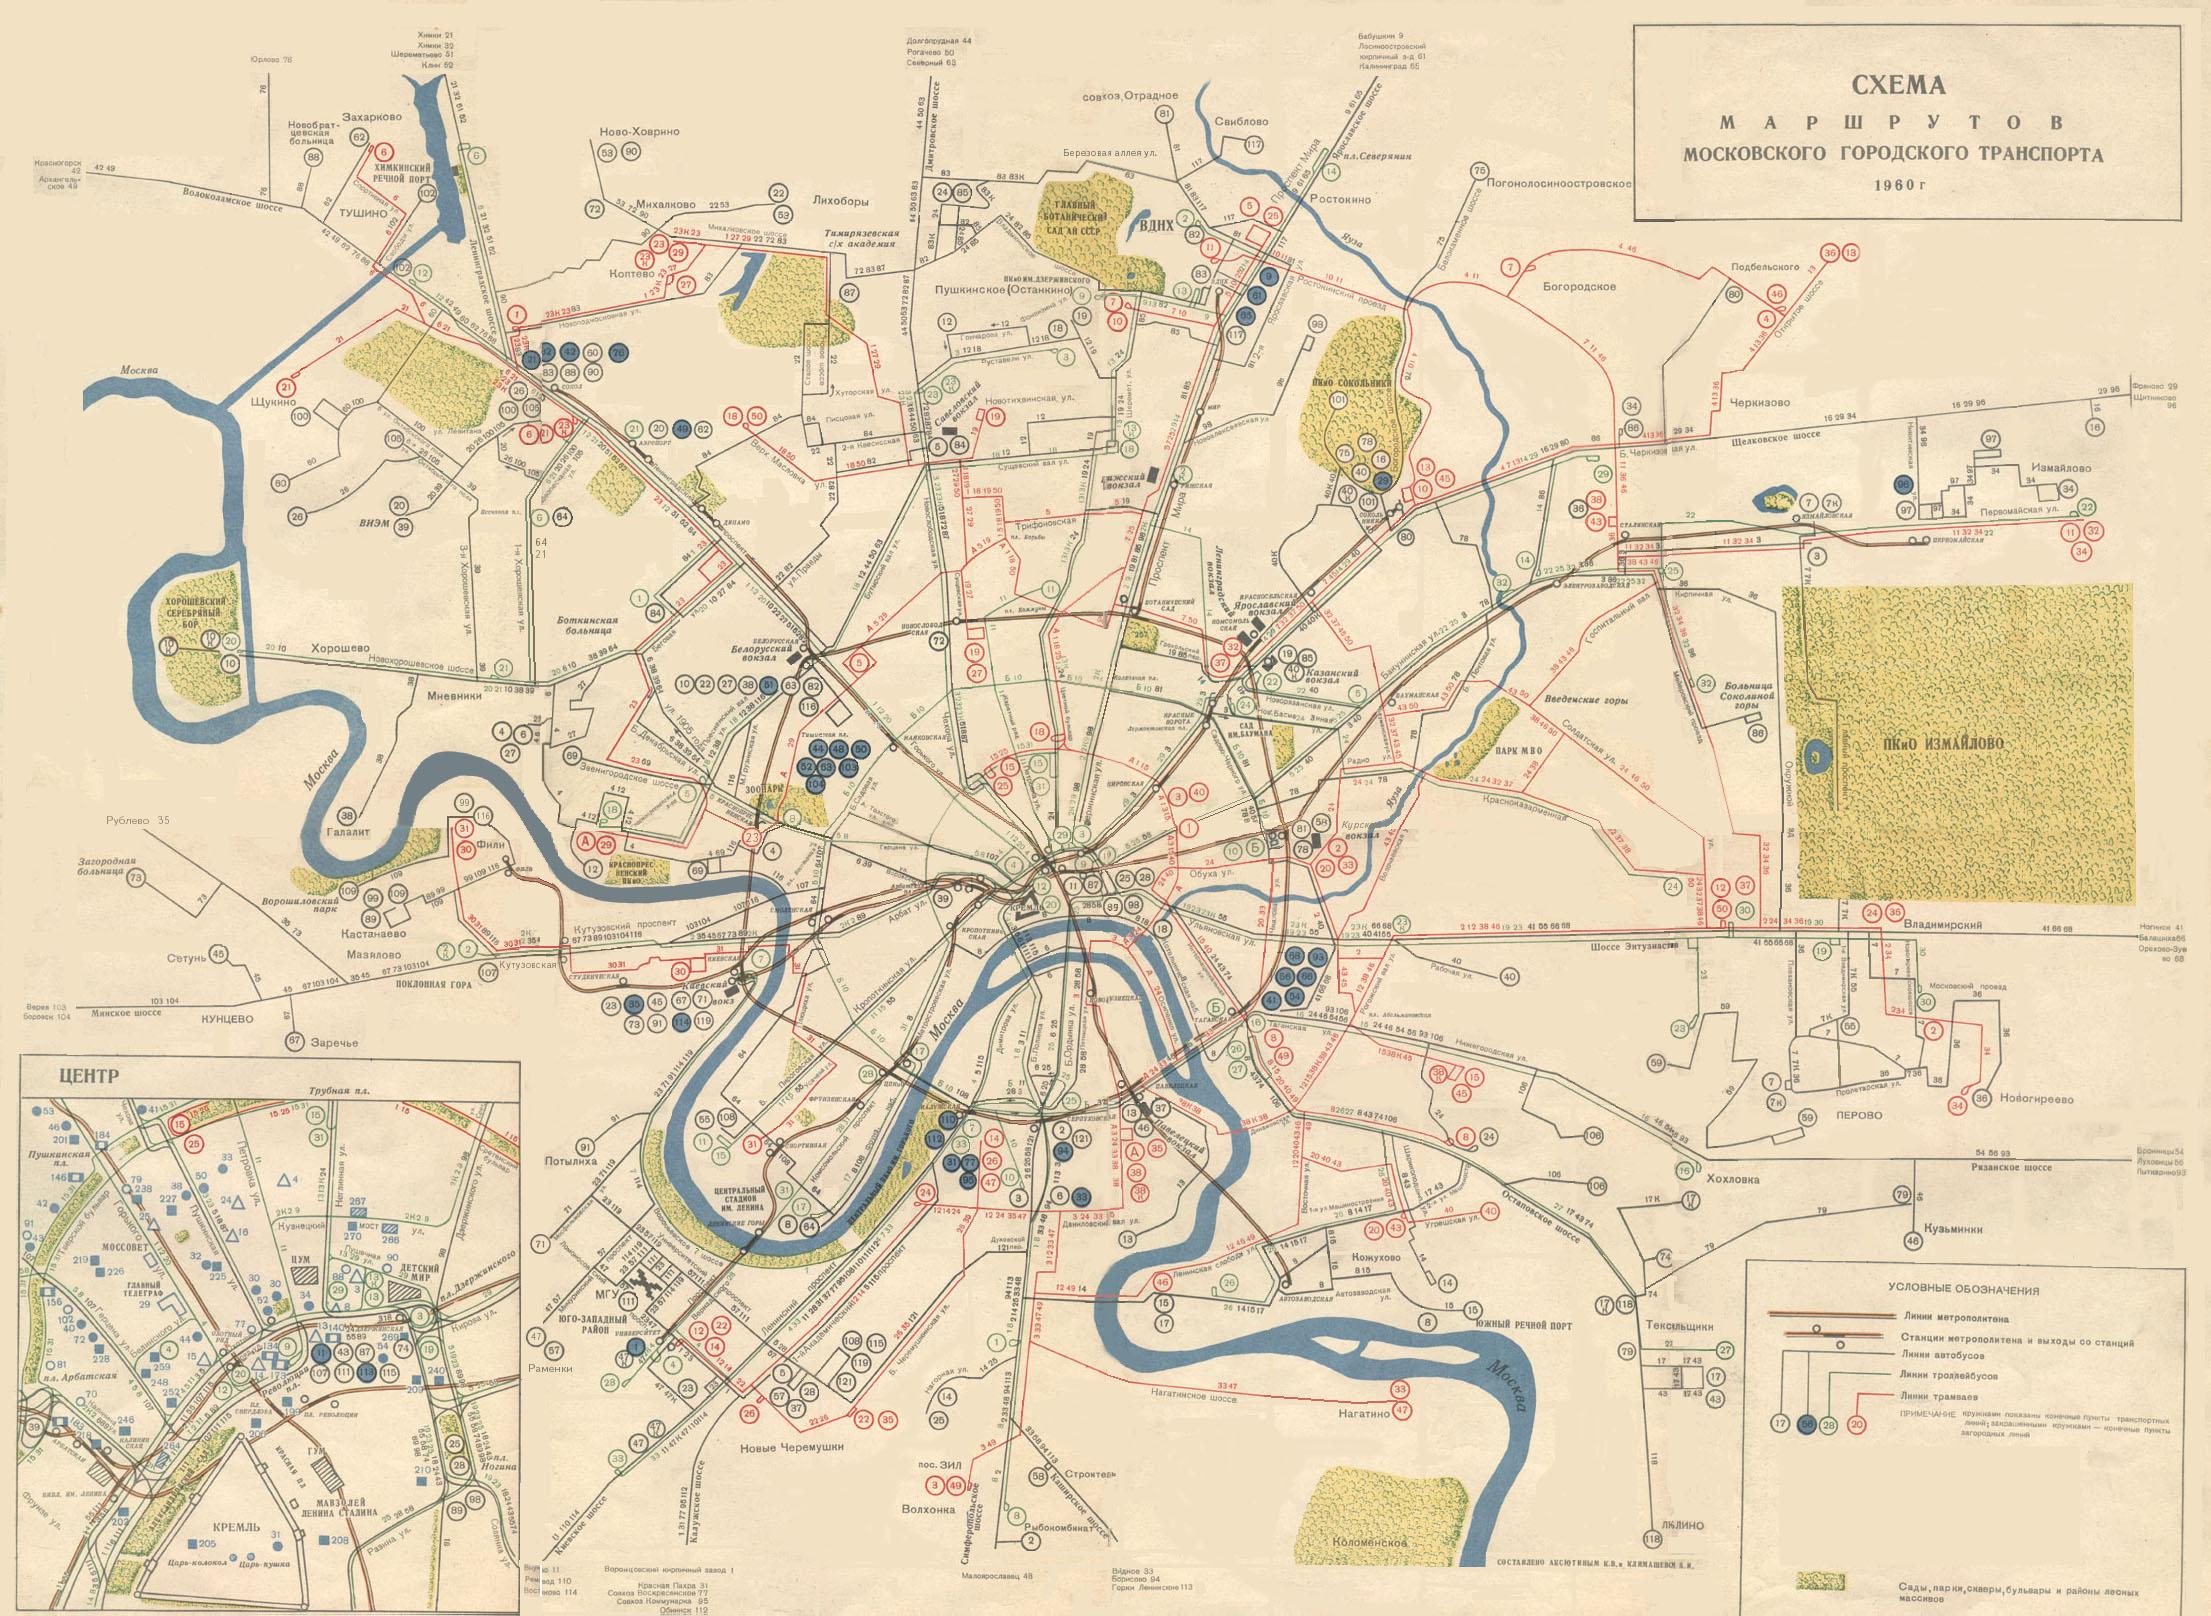 Форум Москва Просмотр изображения - Схема метро Москвы 1959.